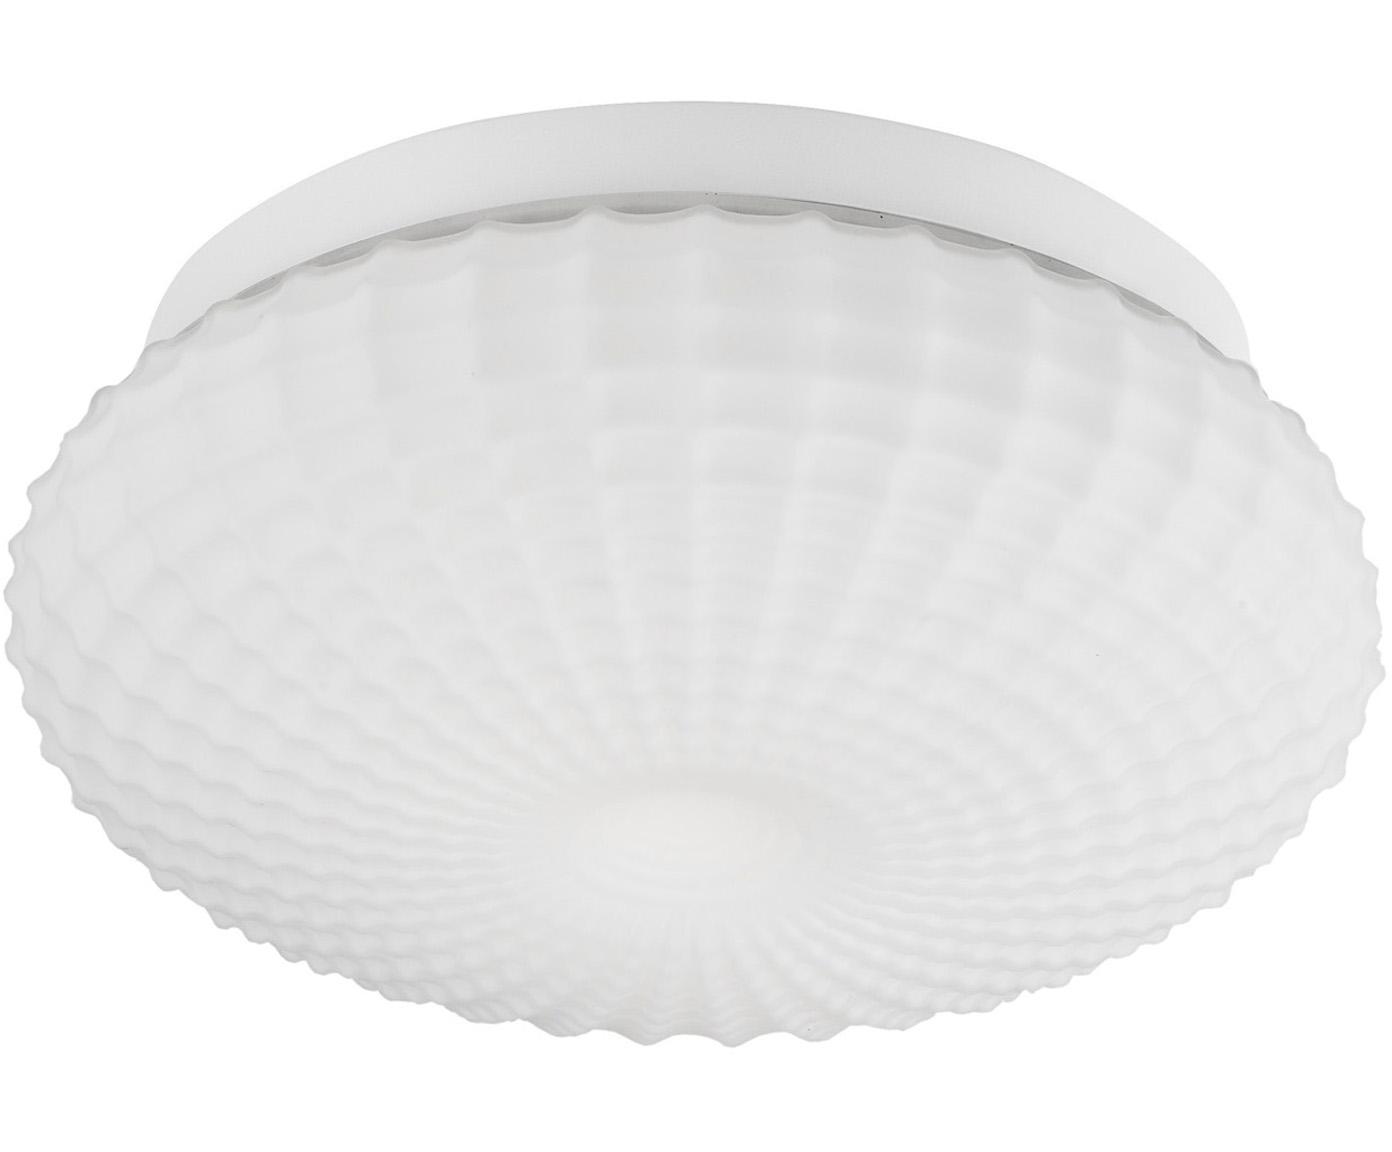 Dimmbare Deckenleuchte Clam aus Glas, Lampenschirm: Glas, Baldachin: Stahl, beschichtet, Weiß, Ø 30 x H 12 cm